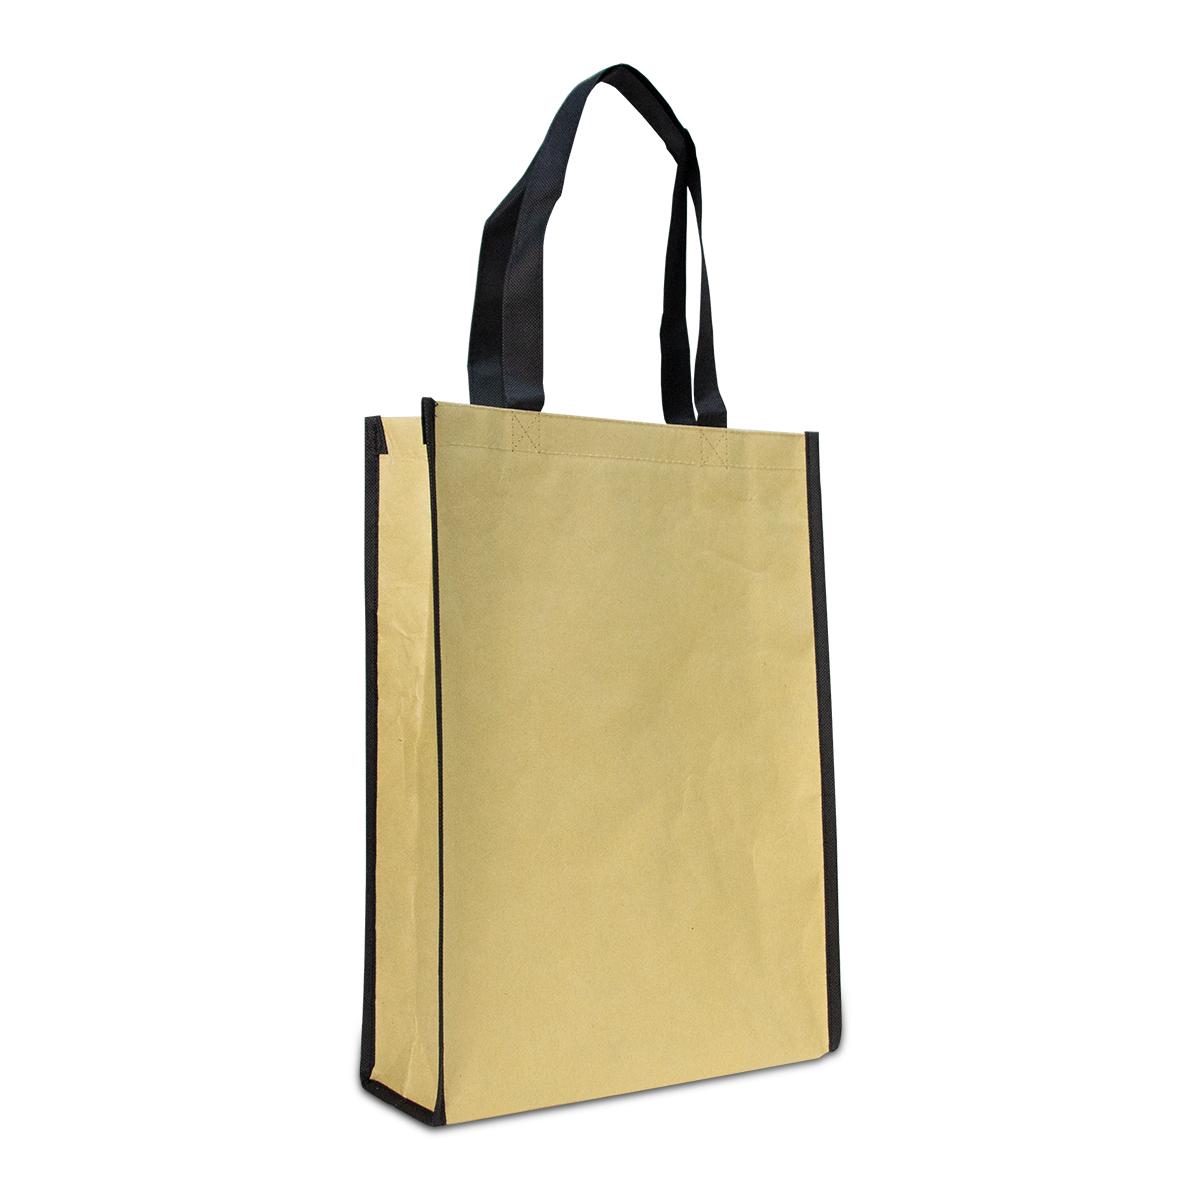 Luxe ecologische papieren tassen met non-woven binnenvoering